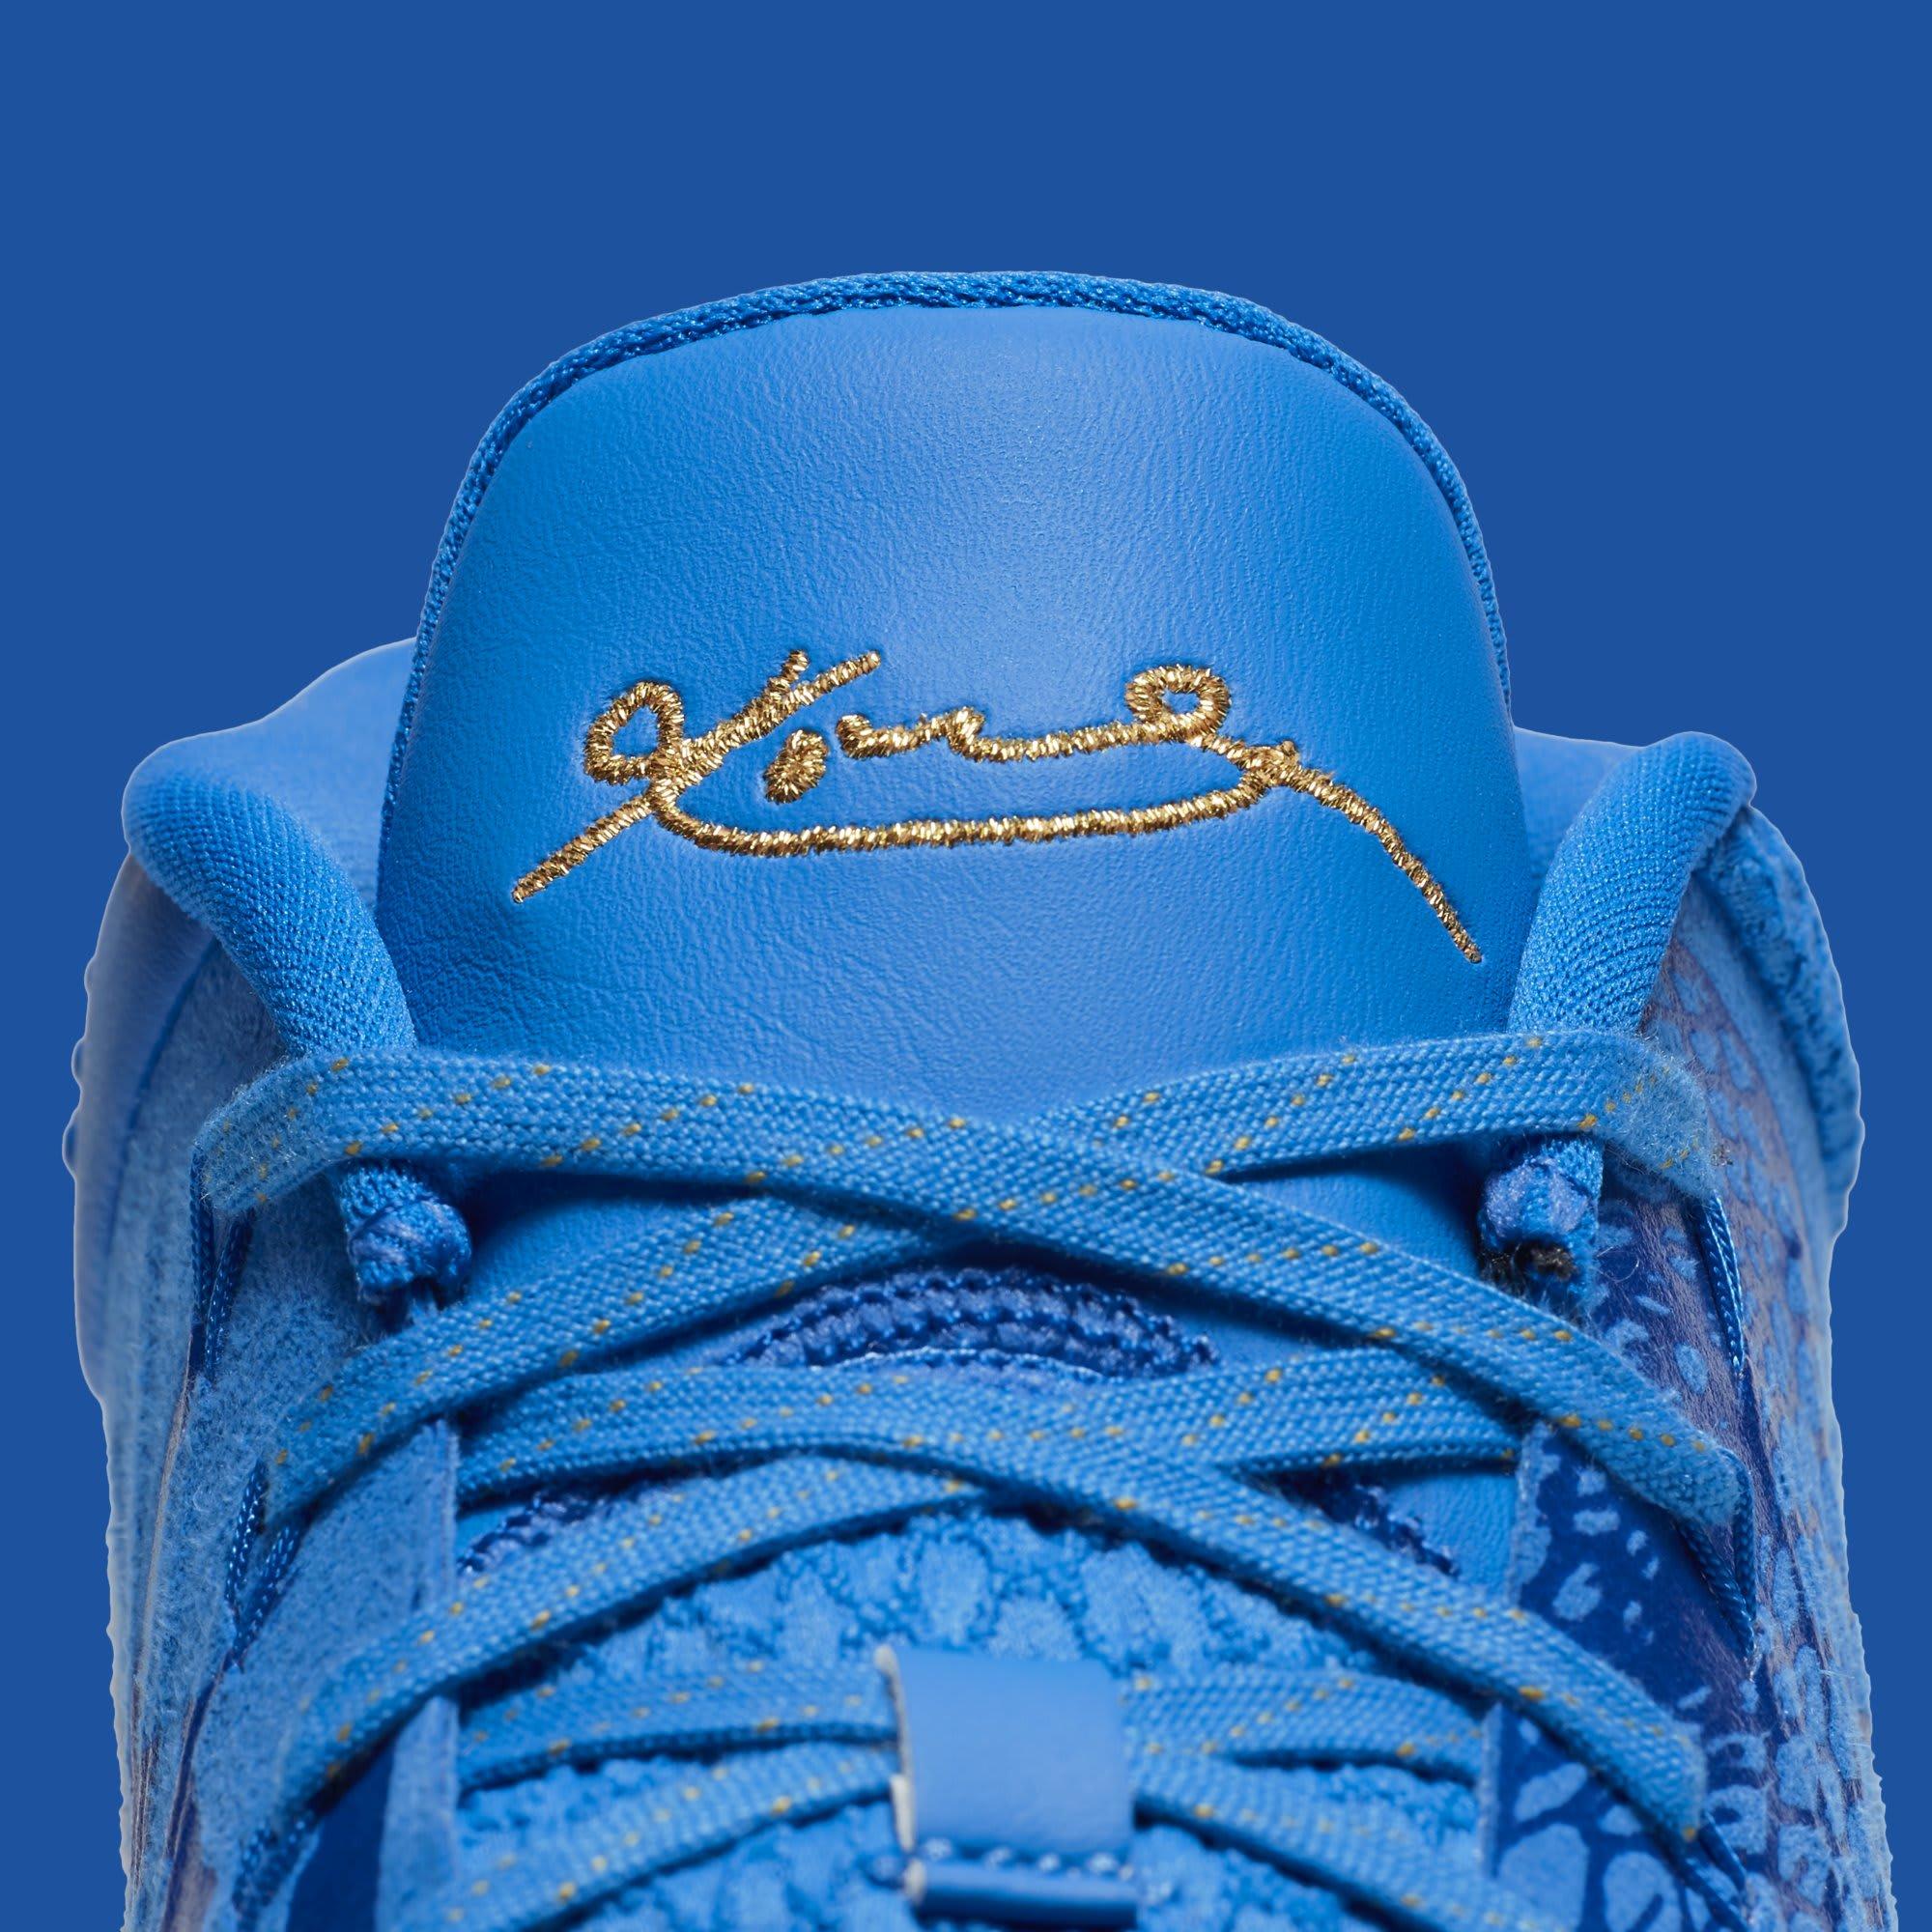 Nike Kobe A.D. Mid DeMar DeRozan PE AA2722-900 Release